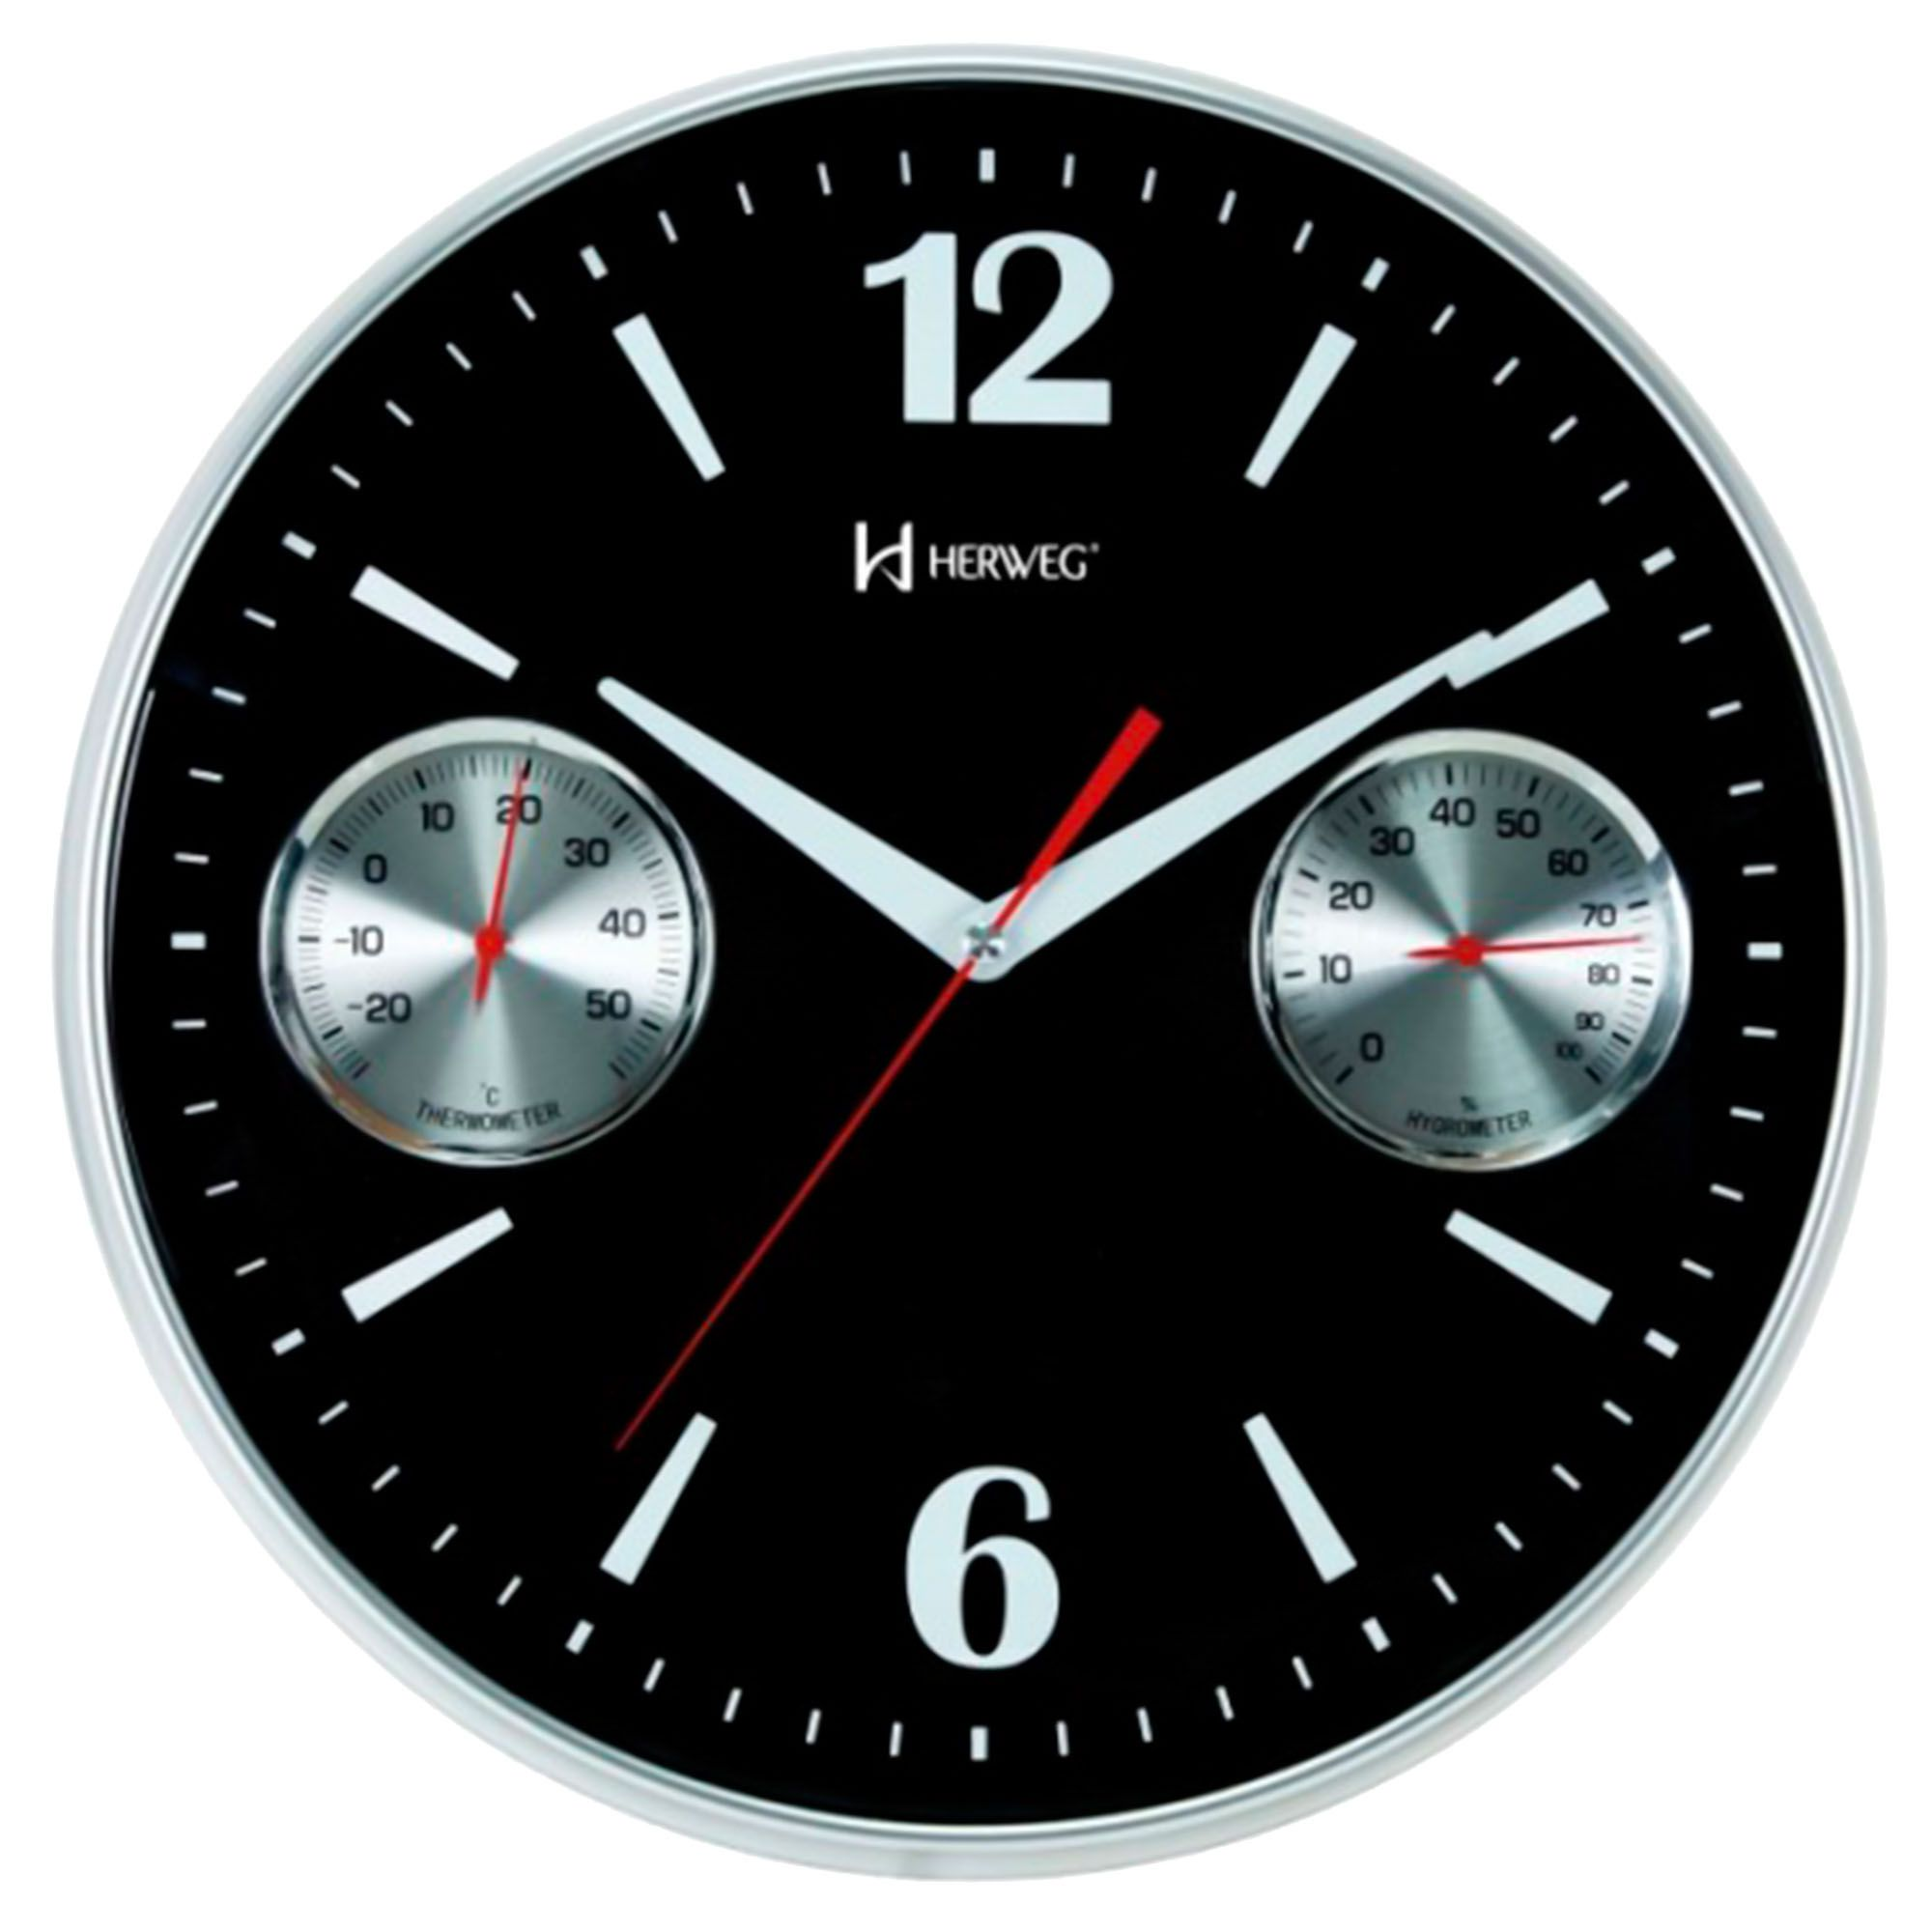 Relógio de Parede Analógico Herweg 6441 034 Preto